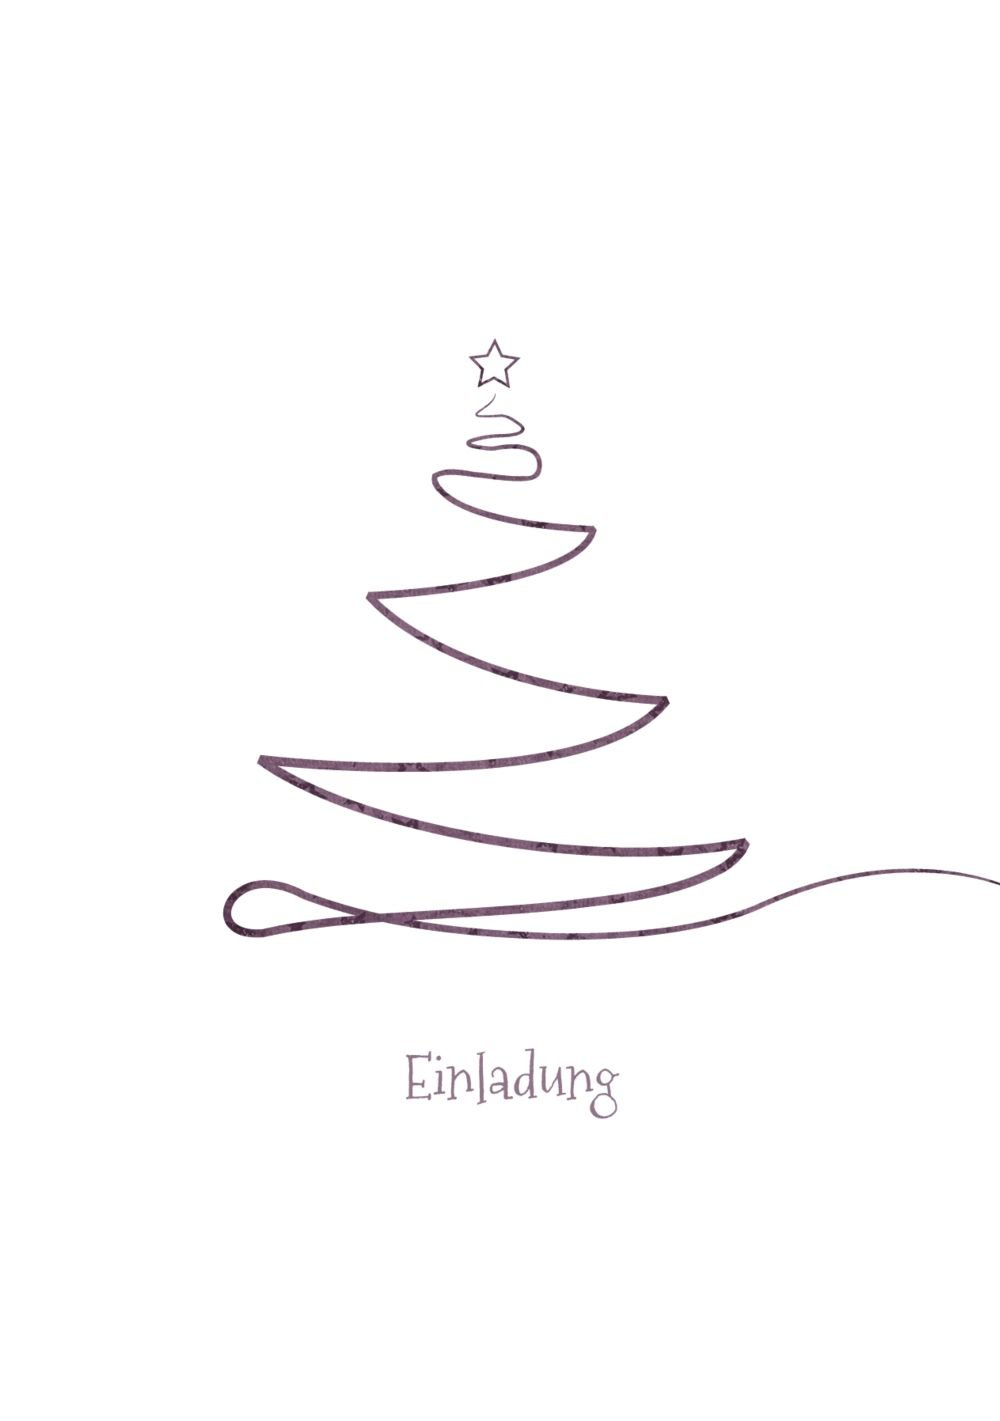 Kartenparadies Einladungskarte zu Weihnachten Weihnachten Weihnachten Einladung Linienbaum, hochwertige Weihnachtseinladung zum Selbstgestalten (Format  105x148 mm) Farbe  MattBlauDunkler B01MXKJ2R5 | Speichern  | Primäre Qualität  | Leicht zu reinigende Oberfläche  66efa0